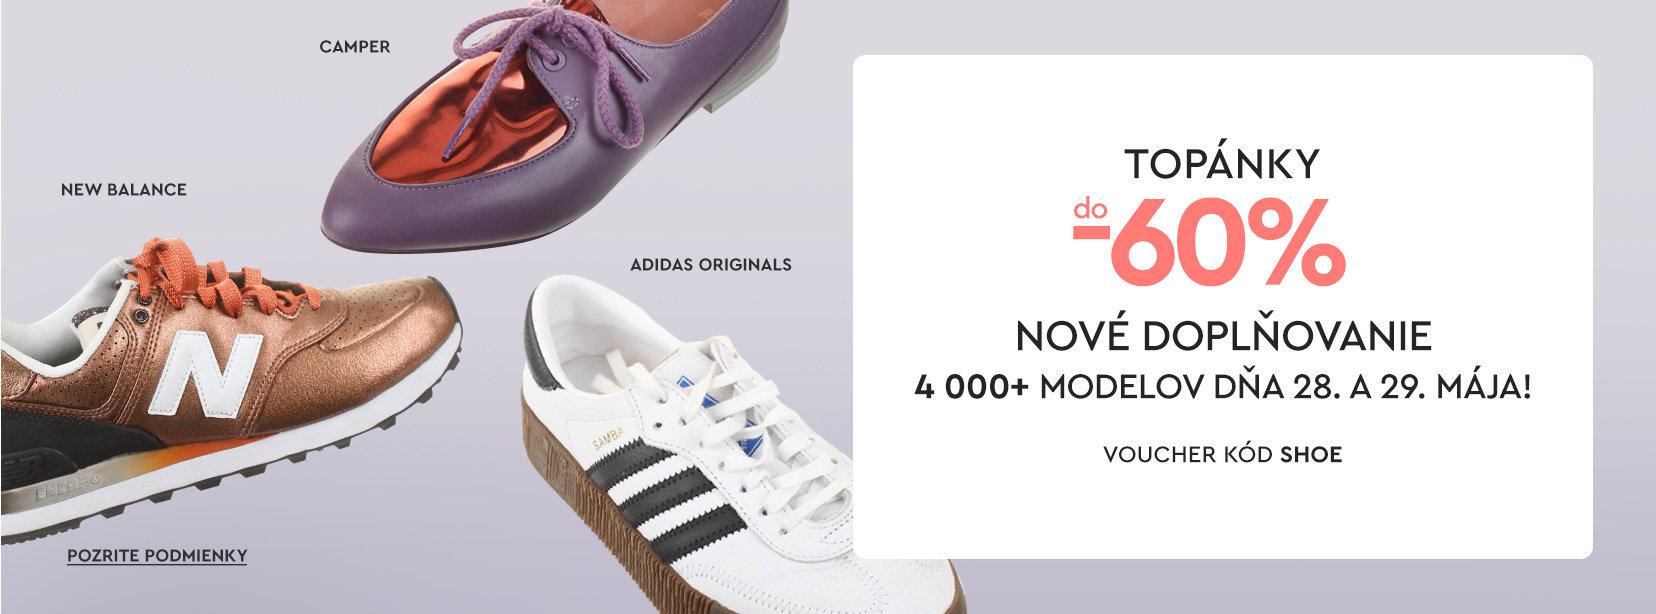 4380cb5959 Dámske topánky - nakupujte za výhodné ceny na Remix